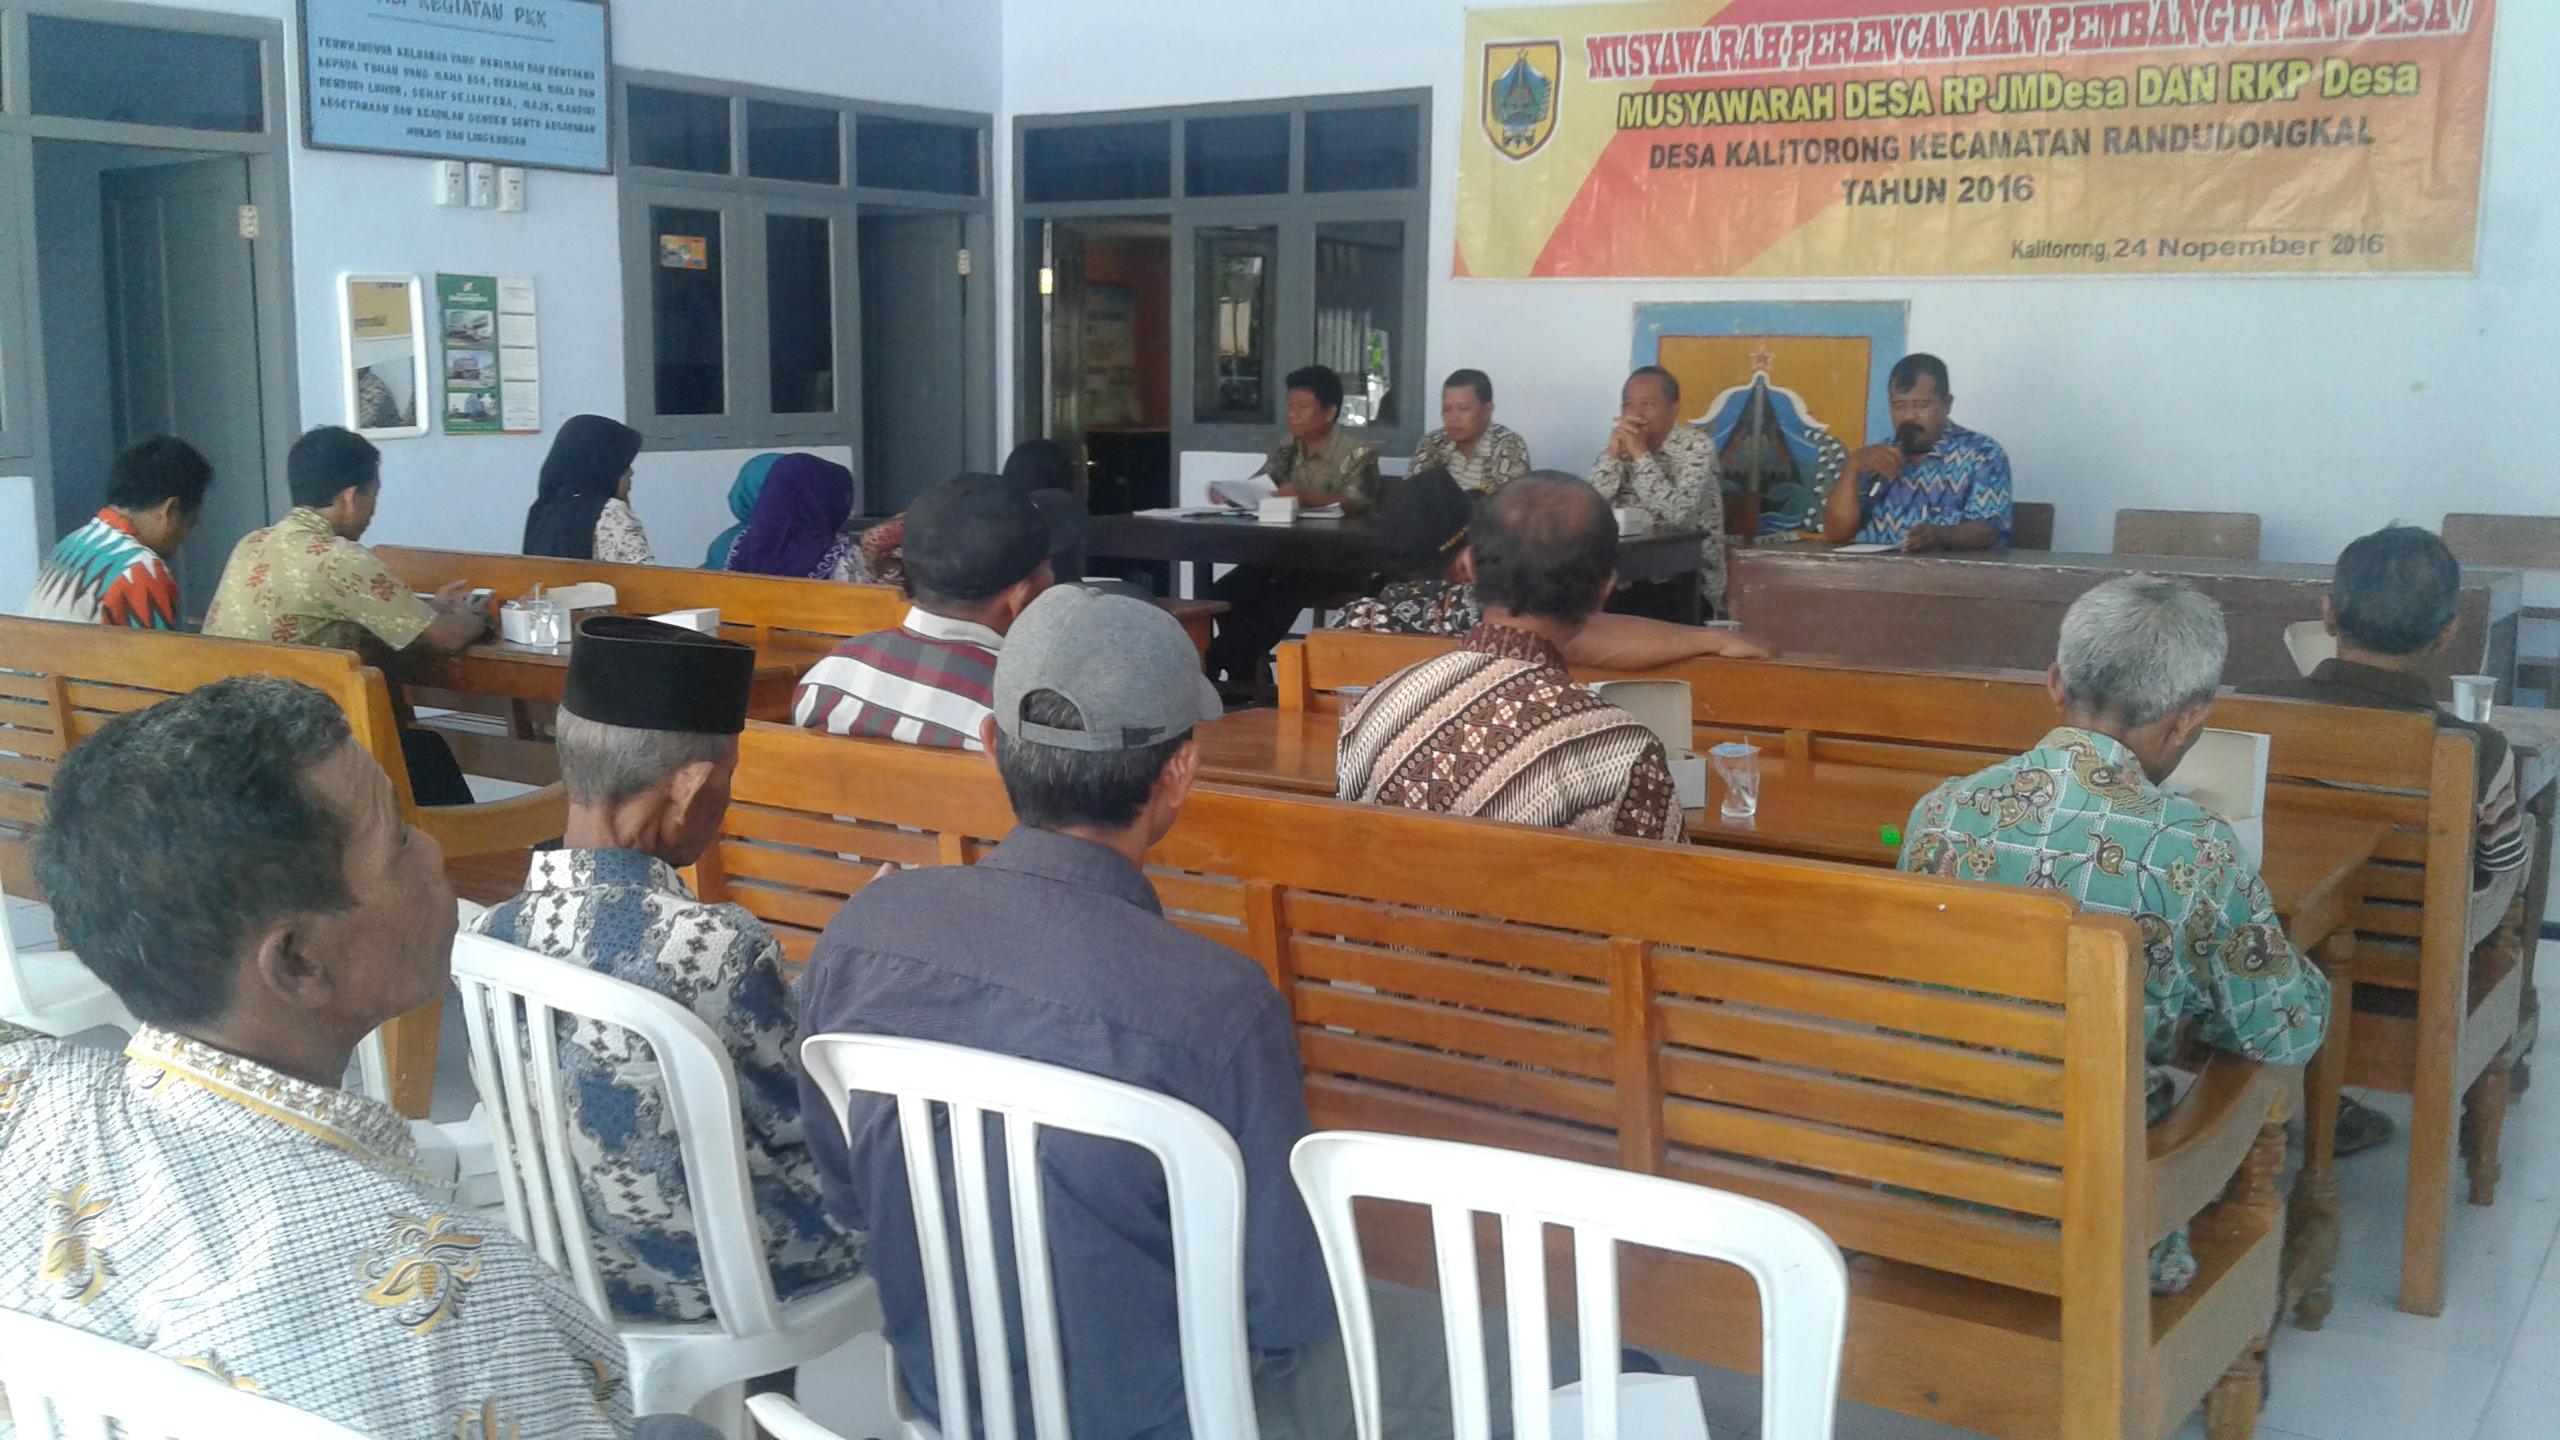 Rapat Musranbangdes desa kalitorong tahun 2016